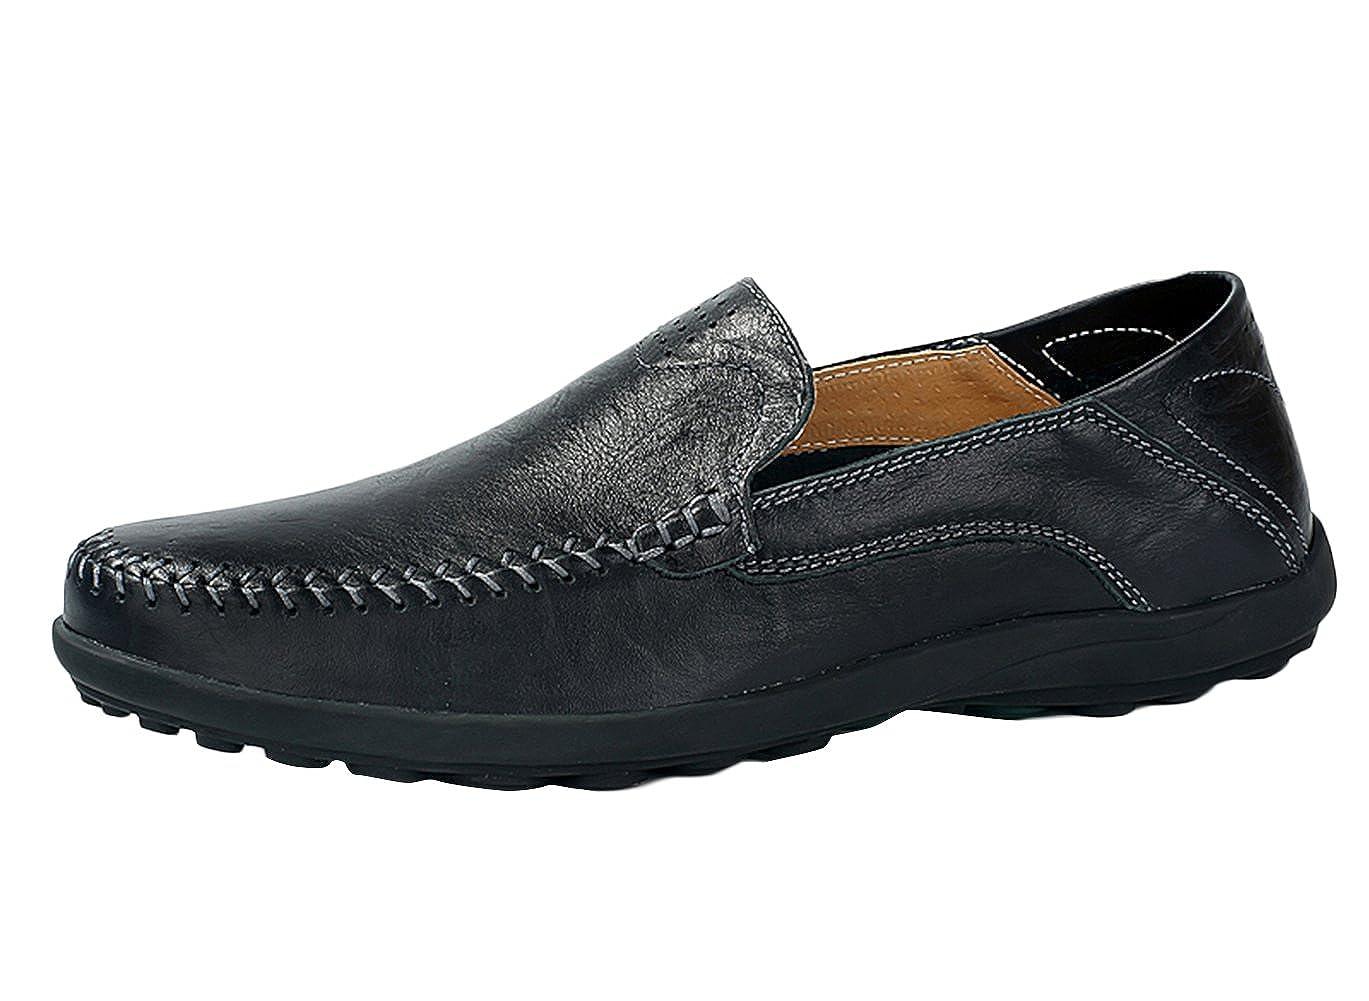 more photos 8e114 df3e7 SK Studio Hombre Hombre Hombre Mocasines de Cuero Color S oacute lido  Calzado Suave Zapatos de Conducci oacute n Mocasine con Slip on c5b15a